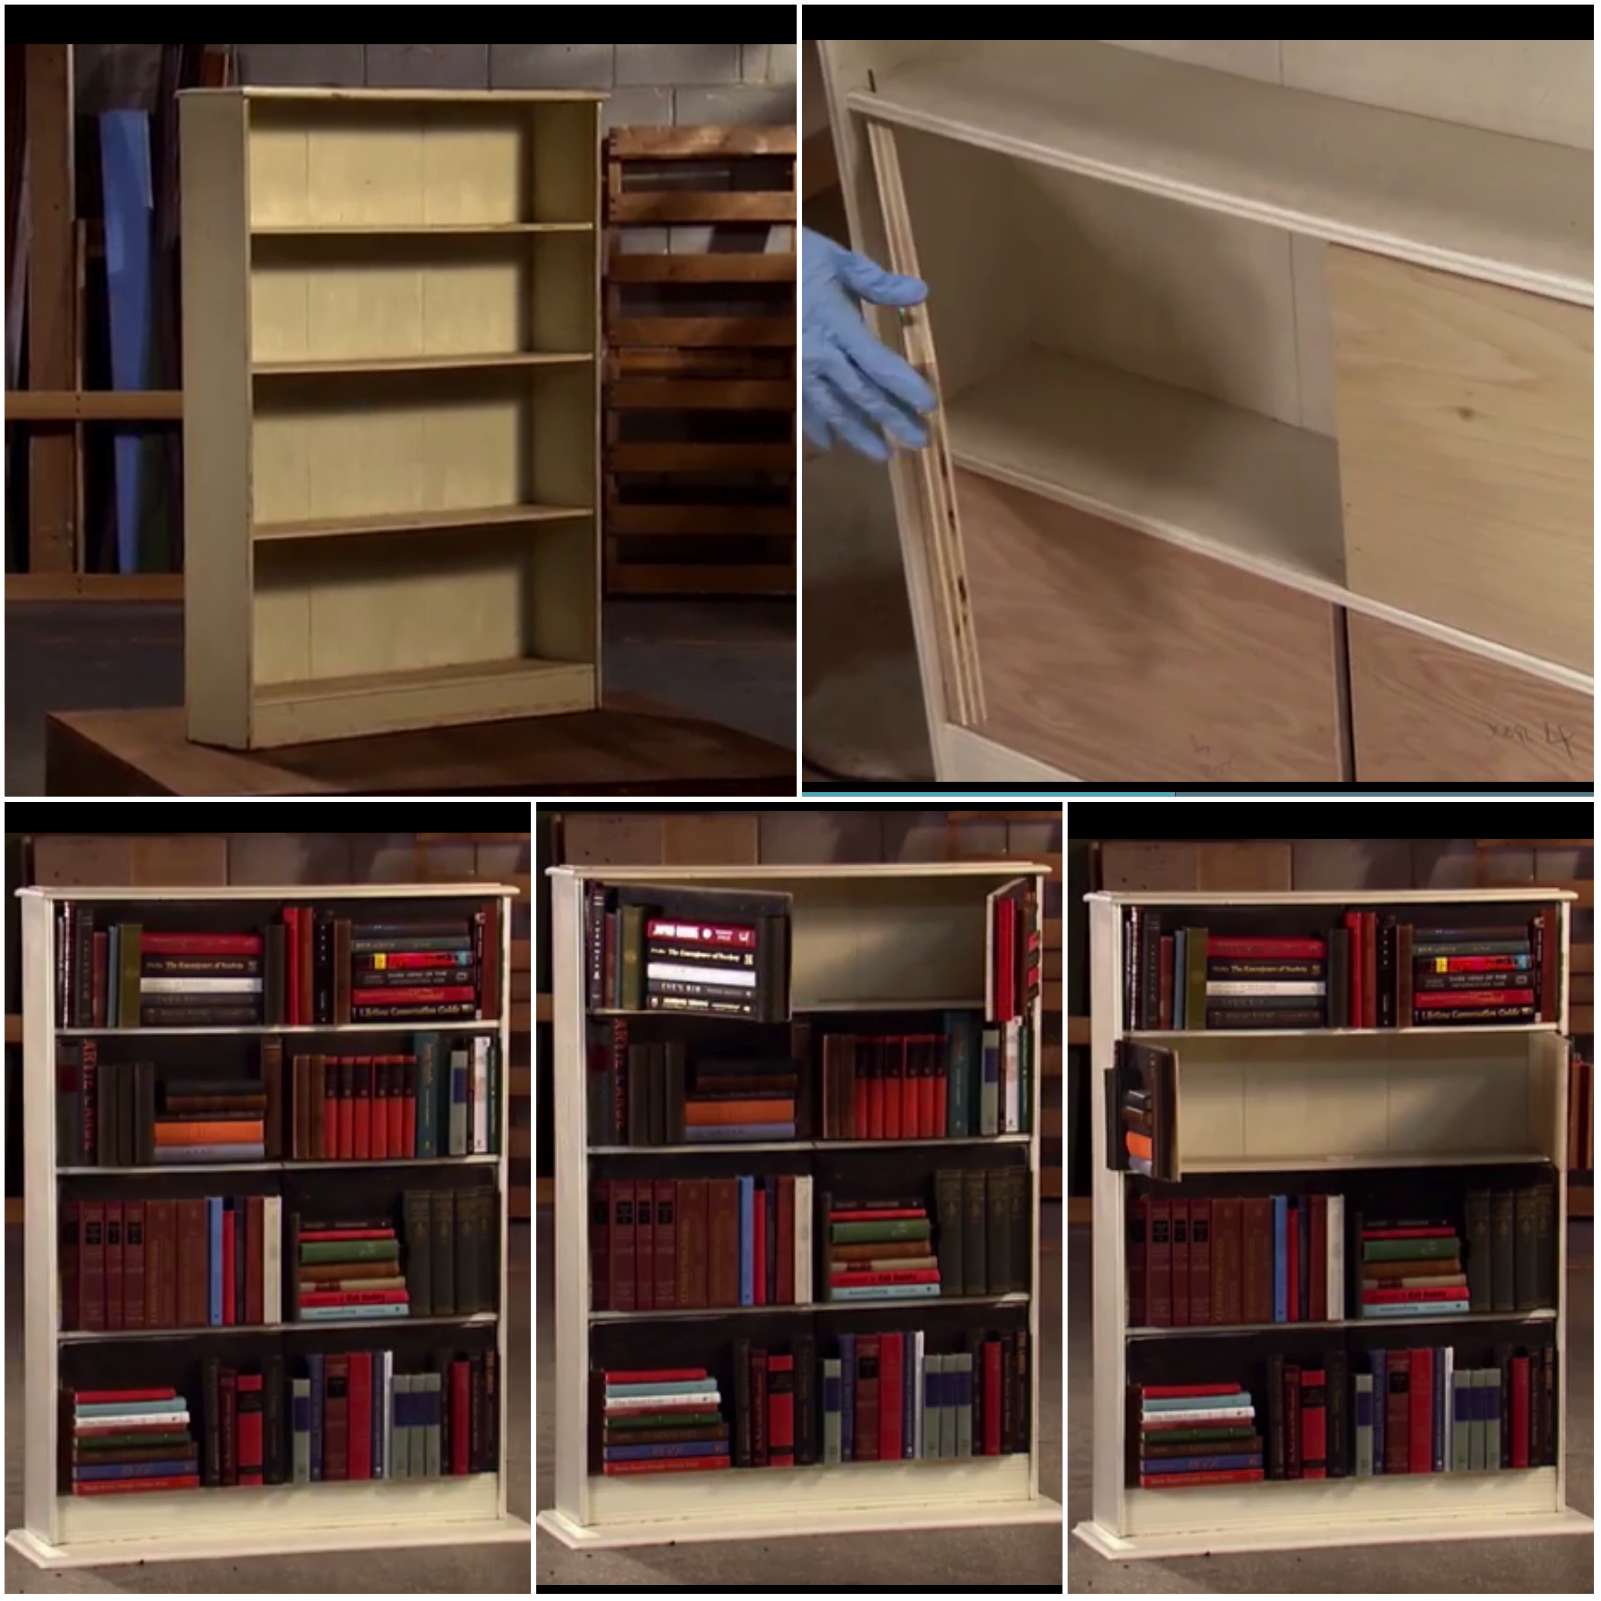 flea market flip has great ideas hidden storage case looks like